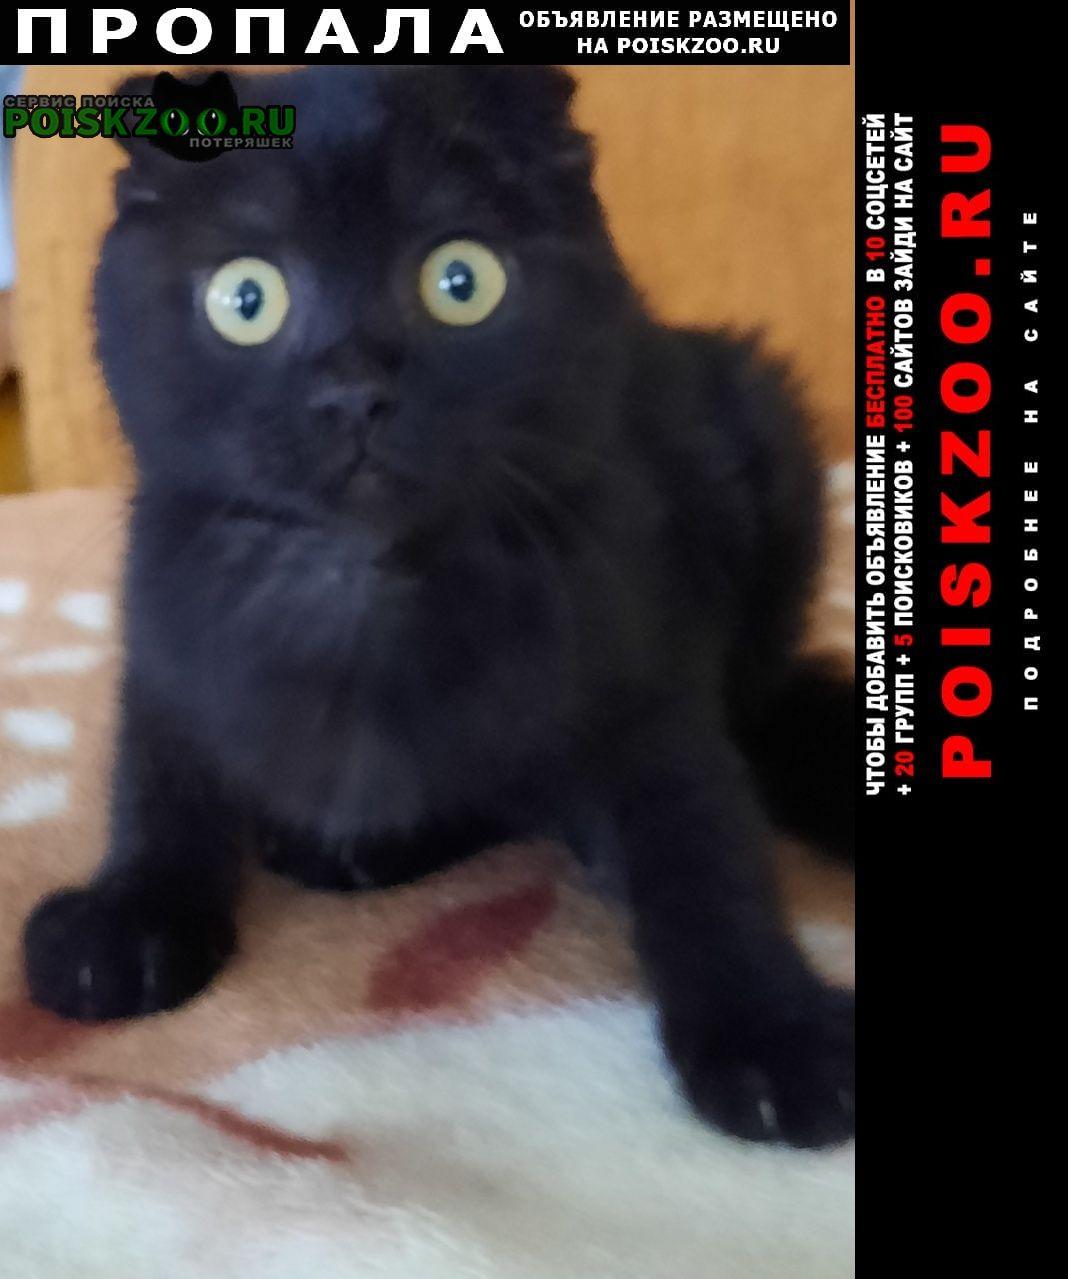 Пропала кошка Борисов